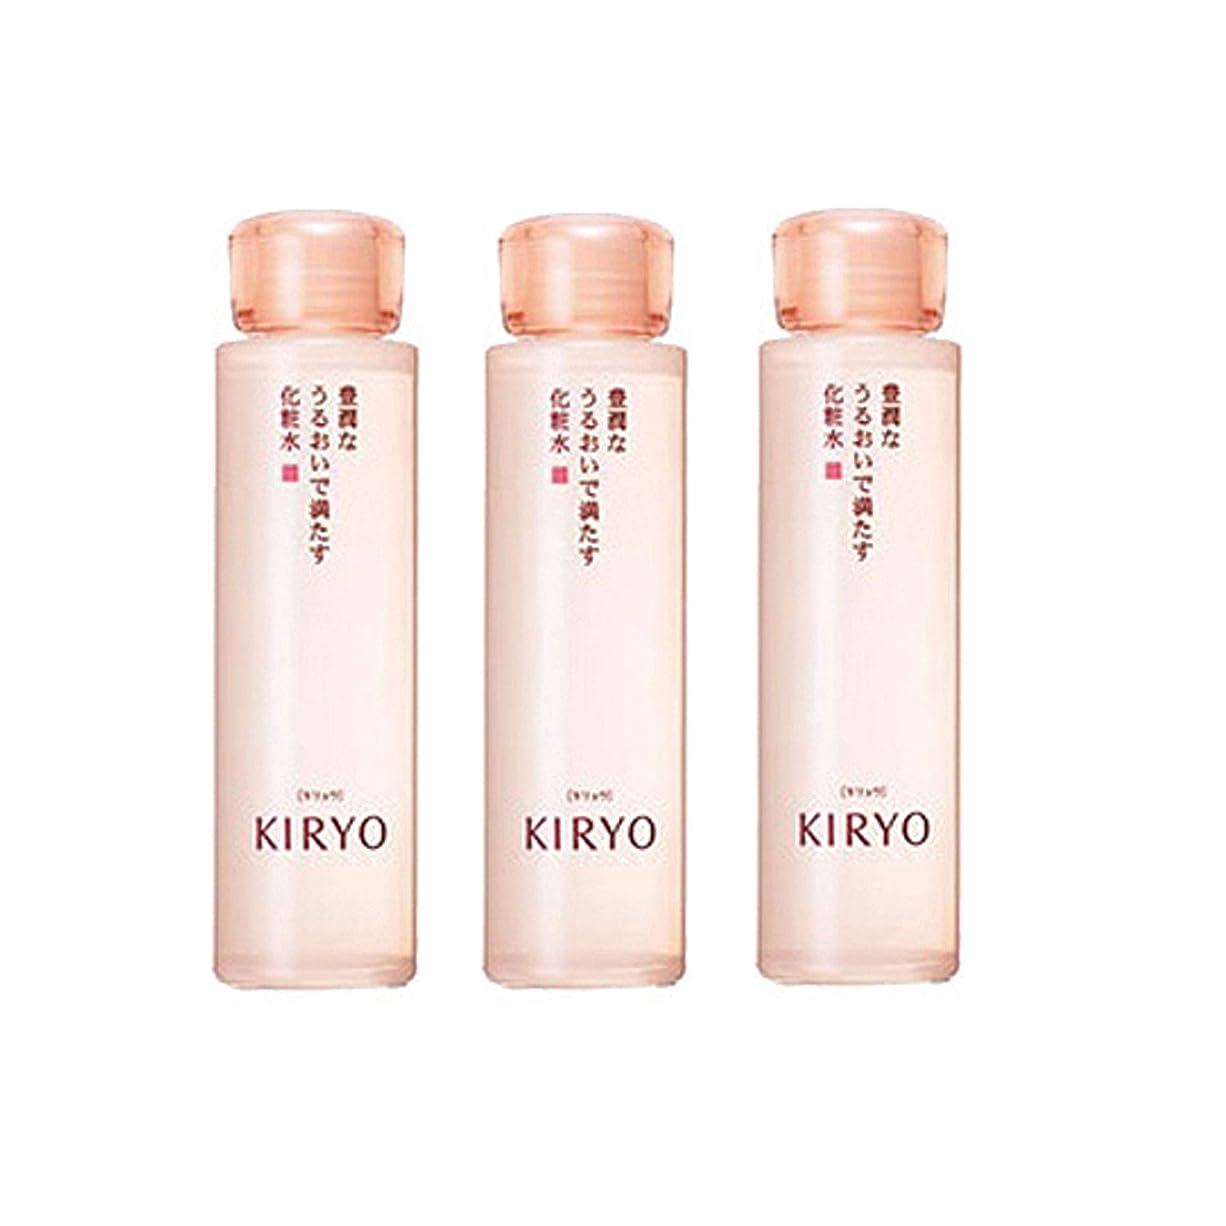 測る天才現れる【資生堂】KIRYO キリョウ ローション II (しっとり)150mL ×3個セット【International shipping available】